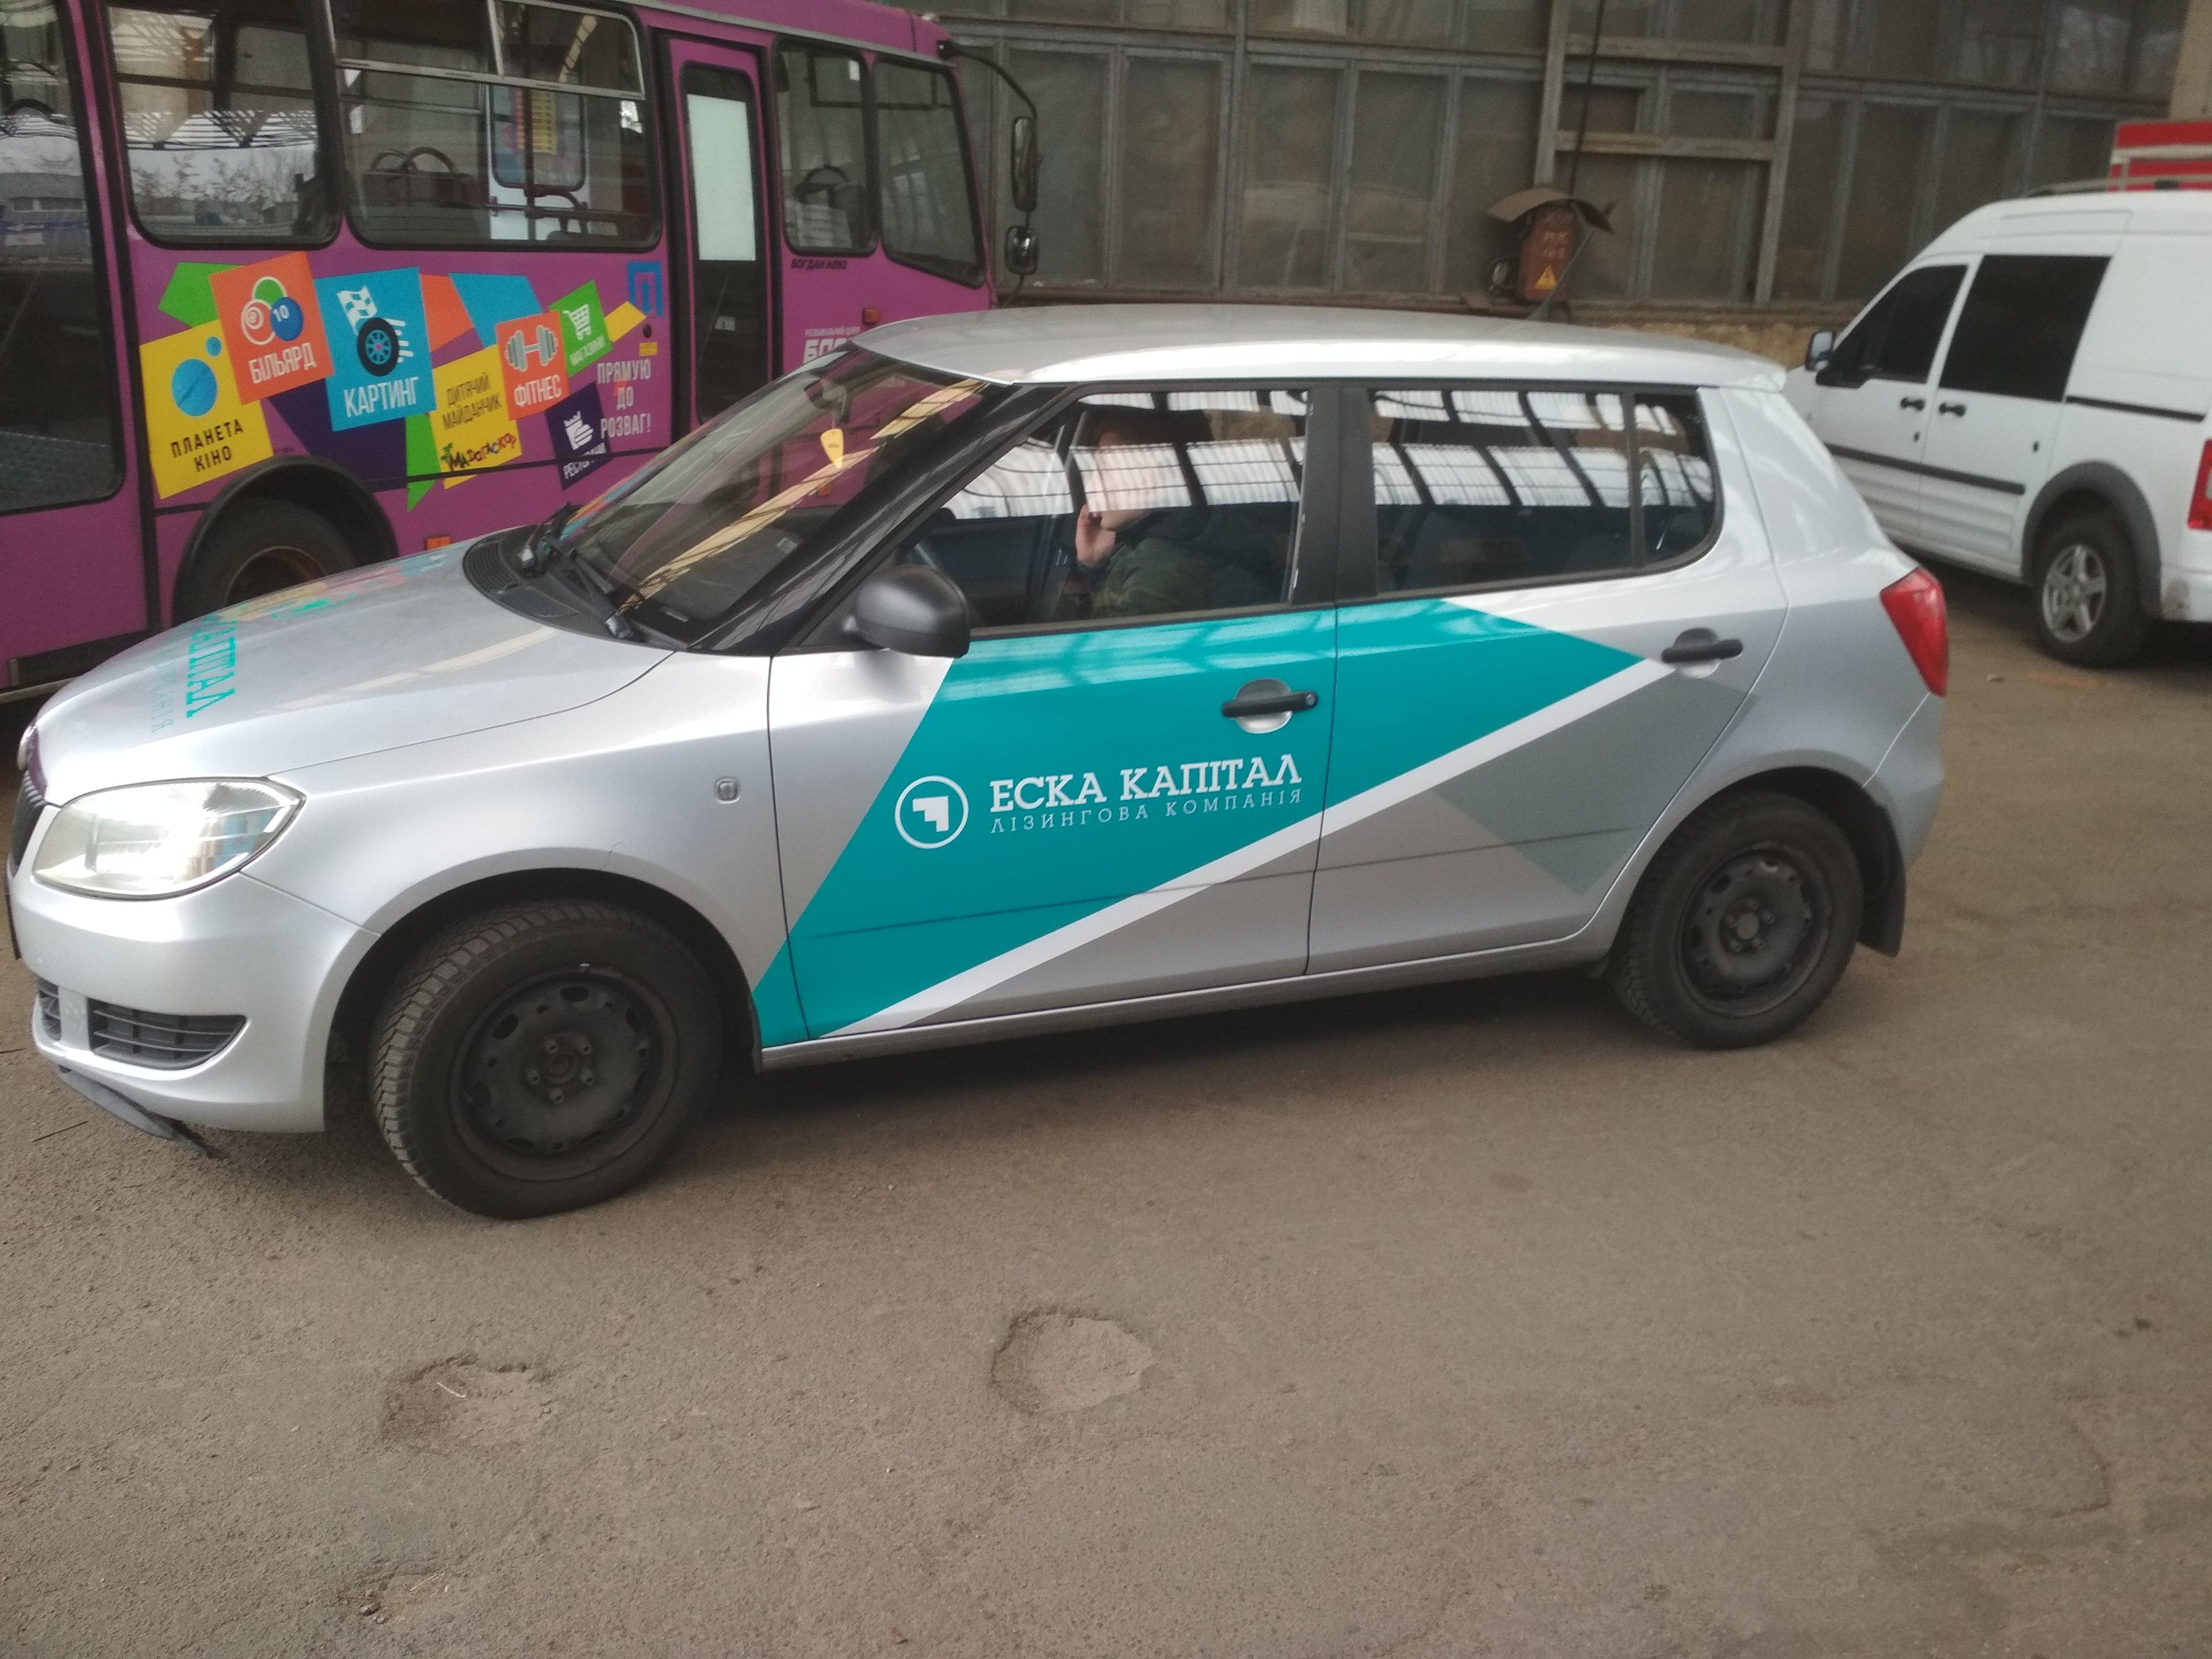 Cvetoprint делает качественную рекламу на авто